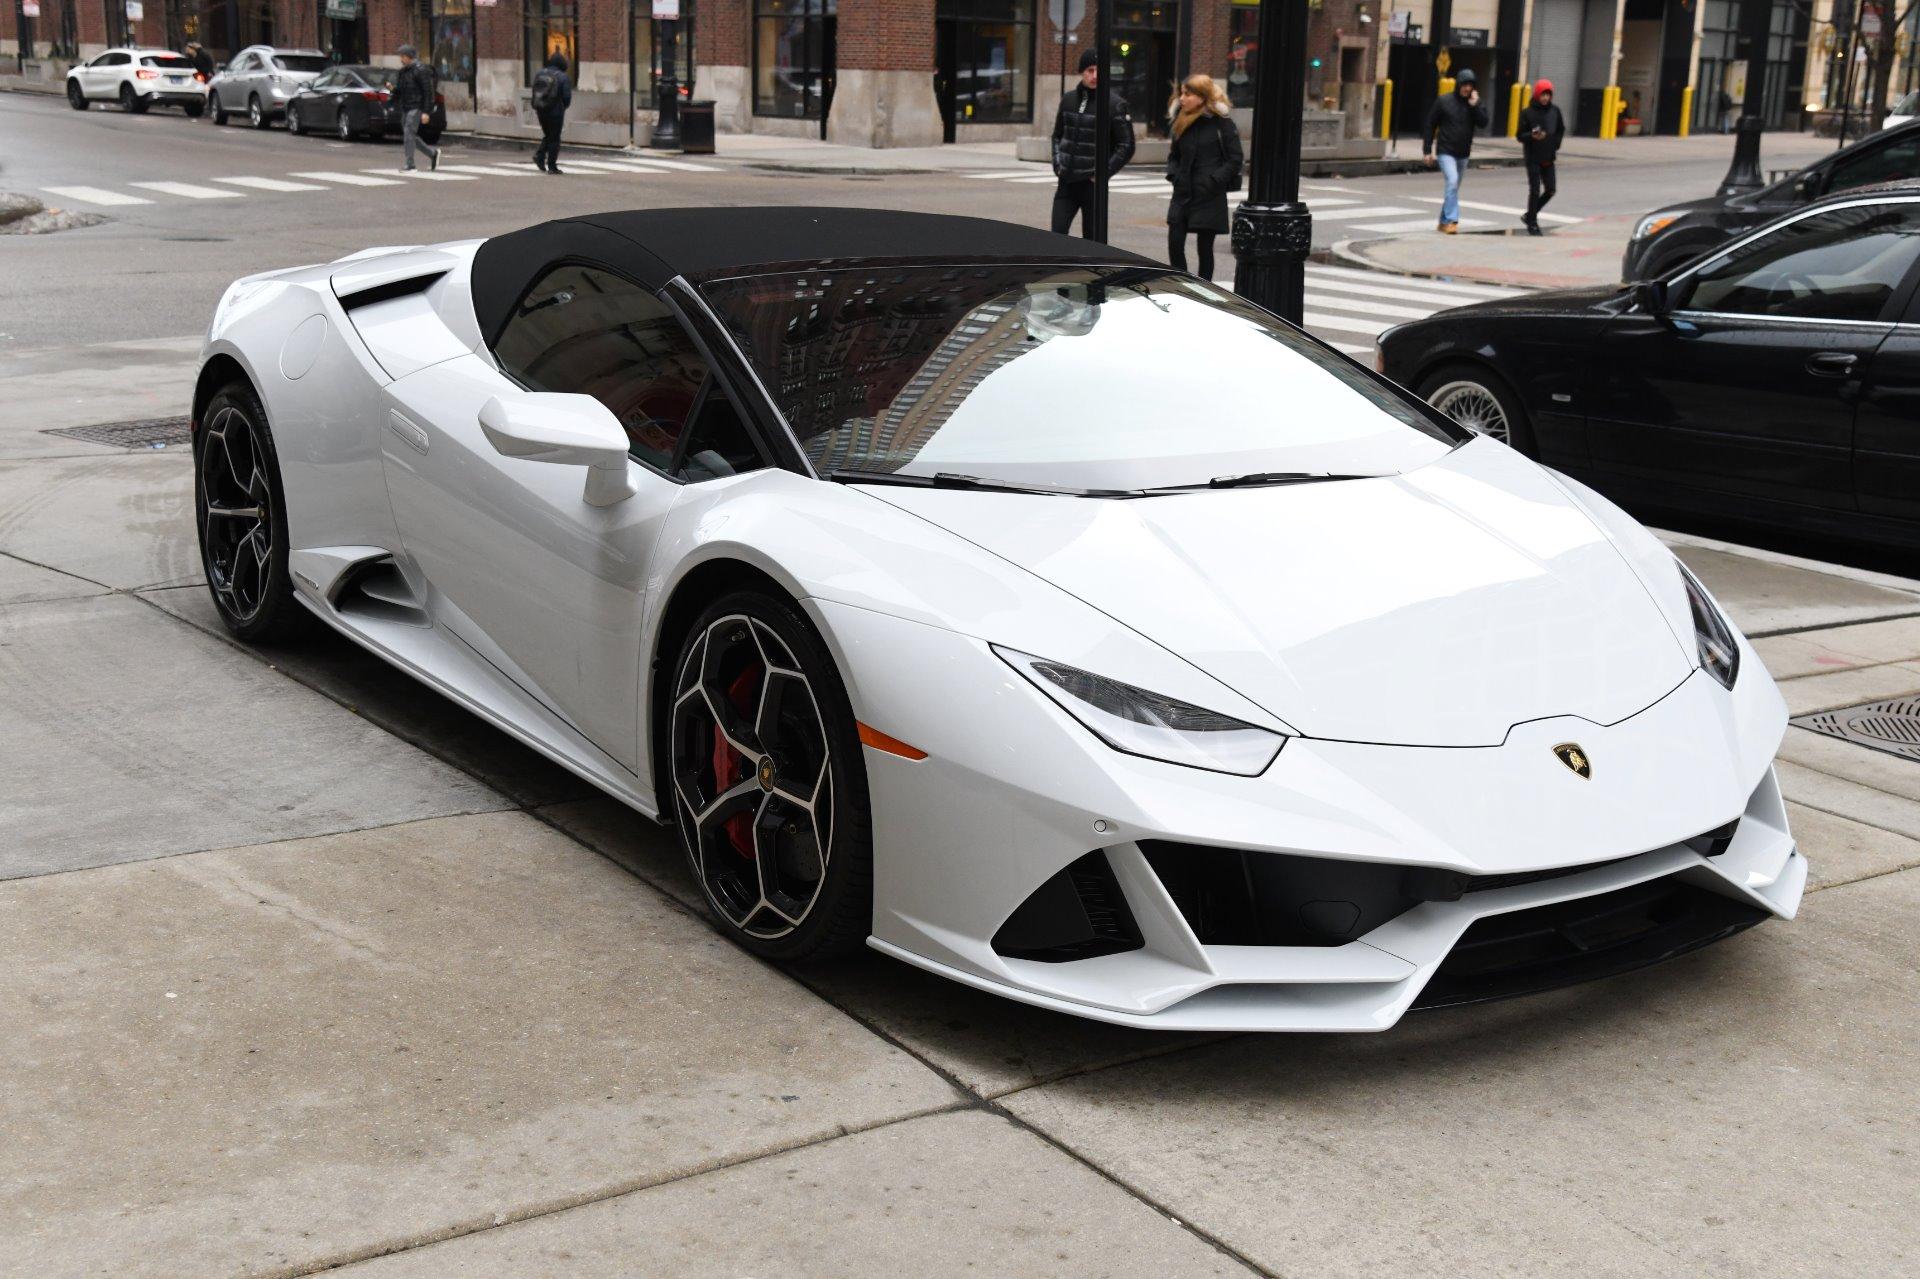 2020 Lamborghini Huracan Evo Spyder Lp 640 4 Evo Spyder Stock L740 For Sale Near Chicago Il Il Lamborghini Dealer